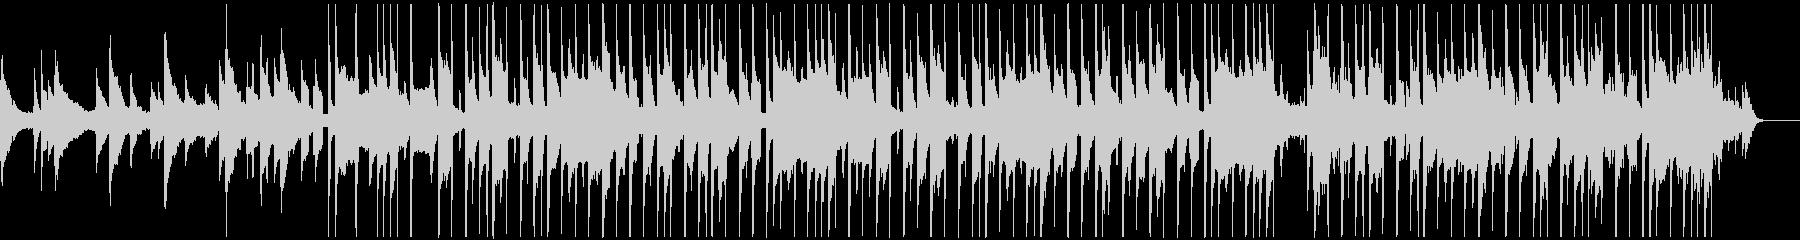 琴の音が心地よいLo-fi HIPHOPの未再生の波形